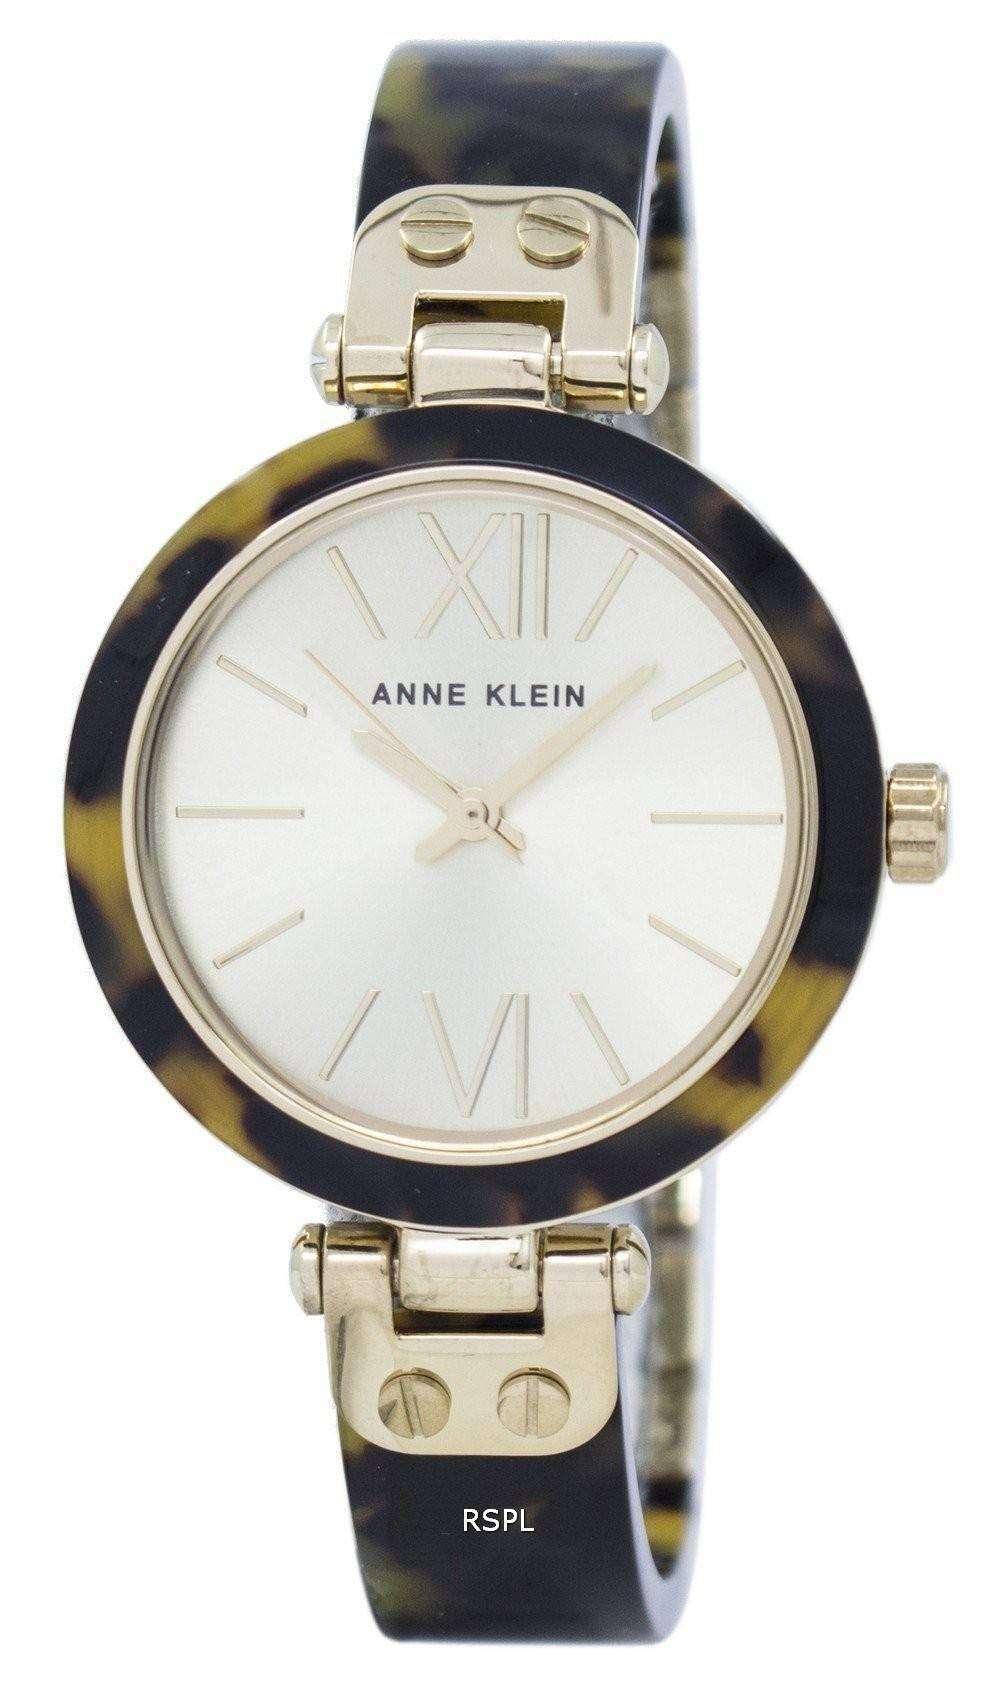 アン ・ クライン石英 9652CHTO レディース腕時計